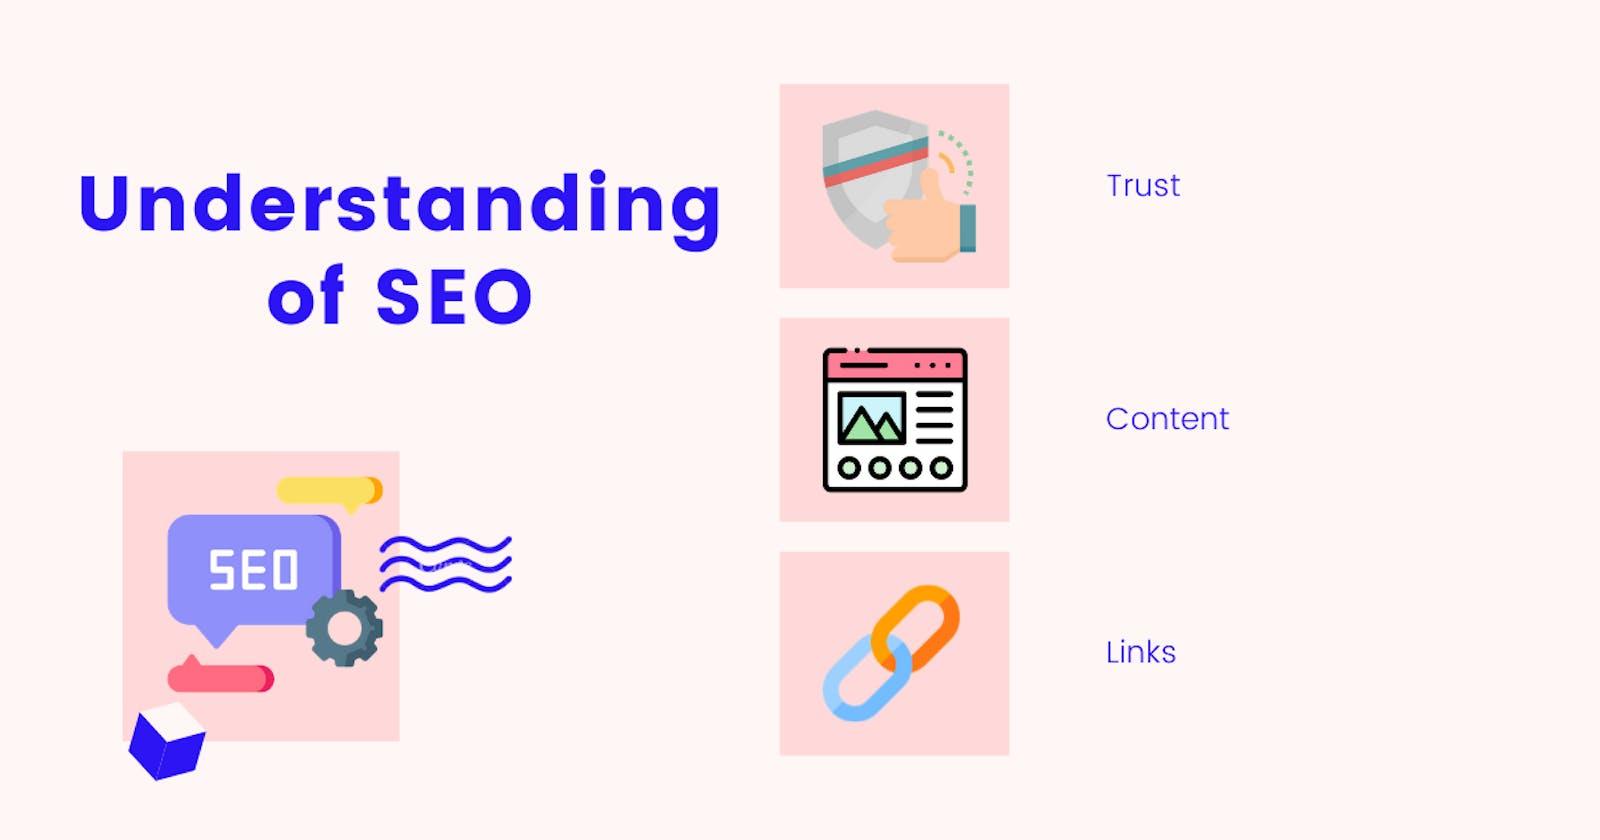 Understanding of SEO